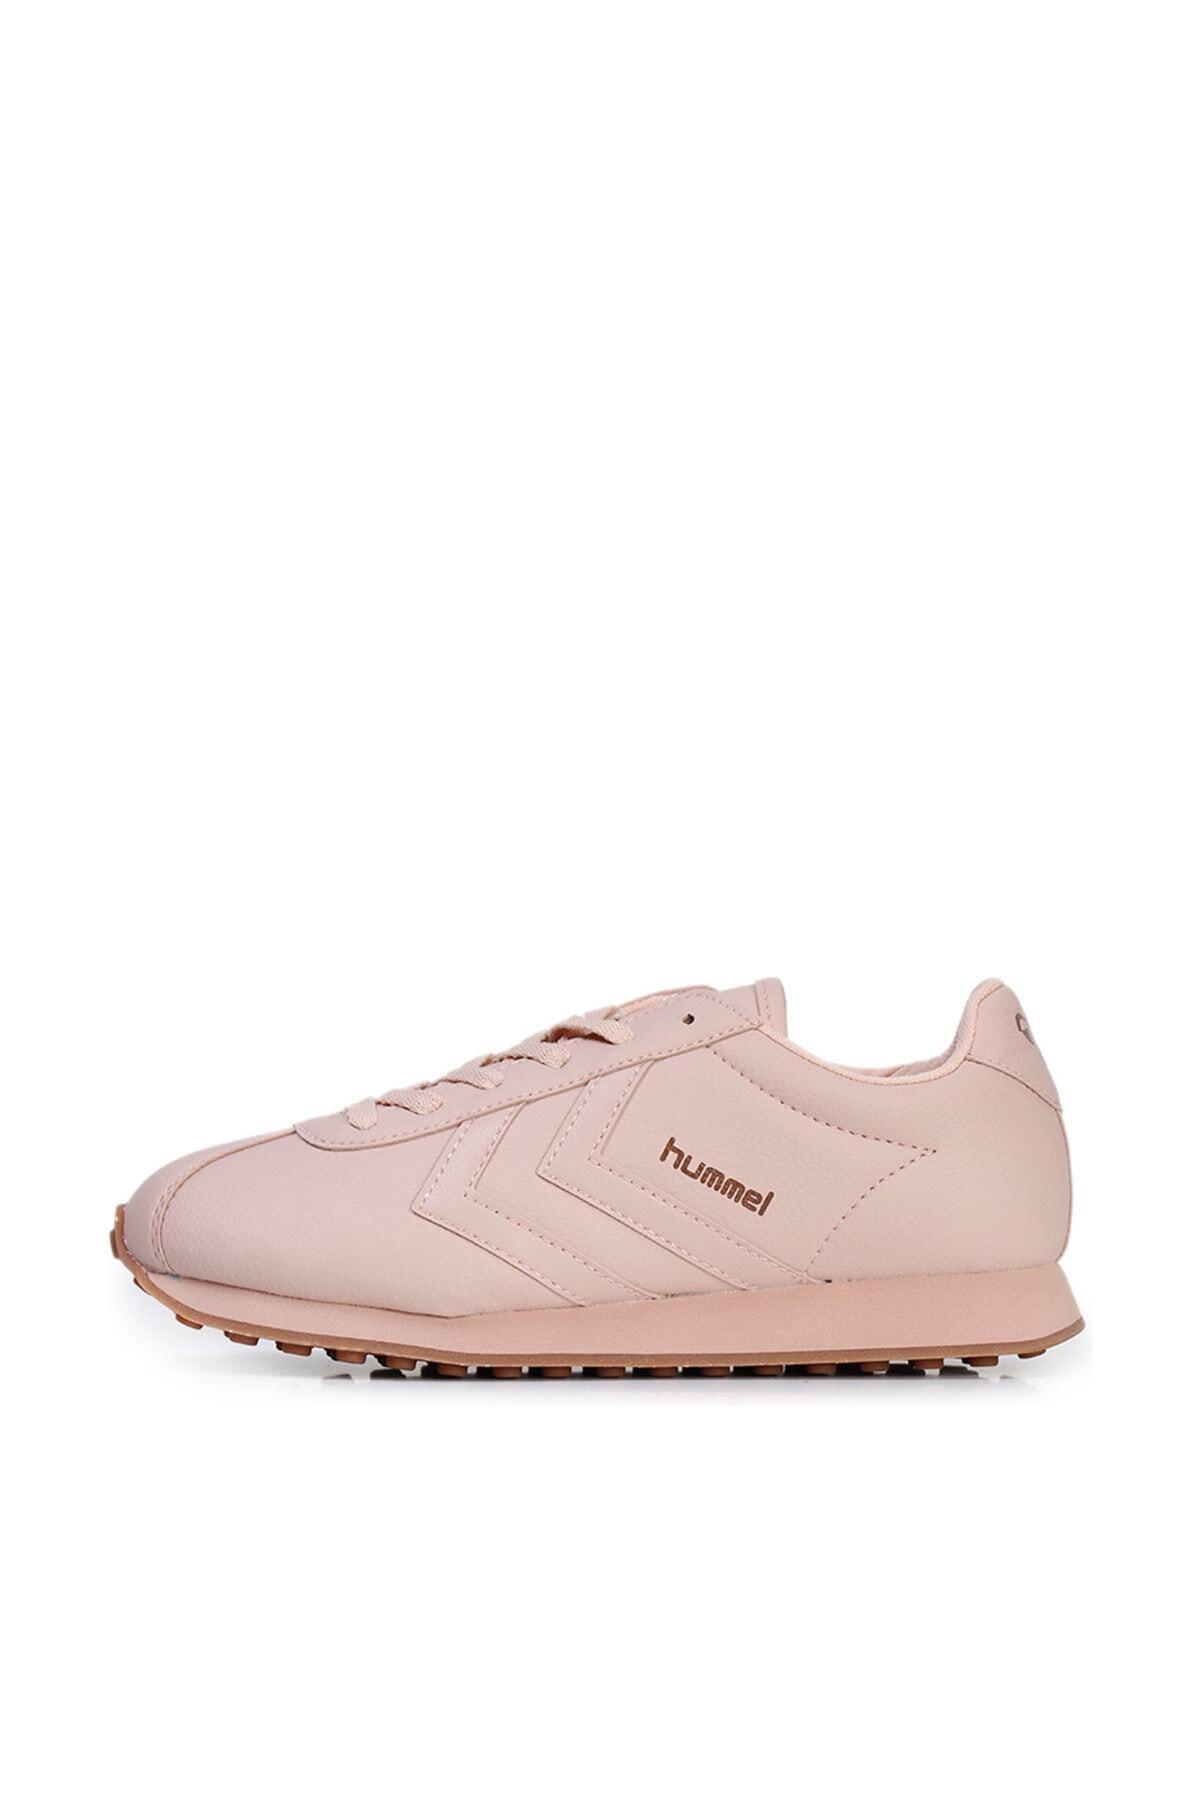 HUMMEL Ray Pembe Kadın Koşu Ayakkabısı 100351998 2